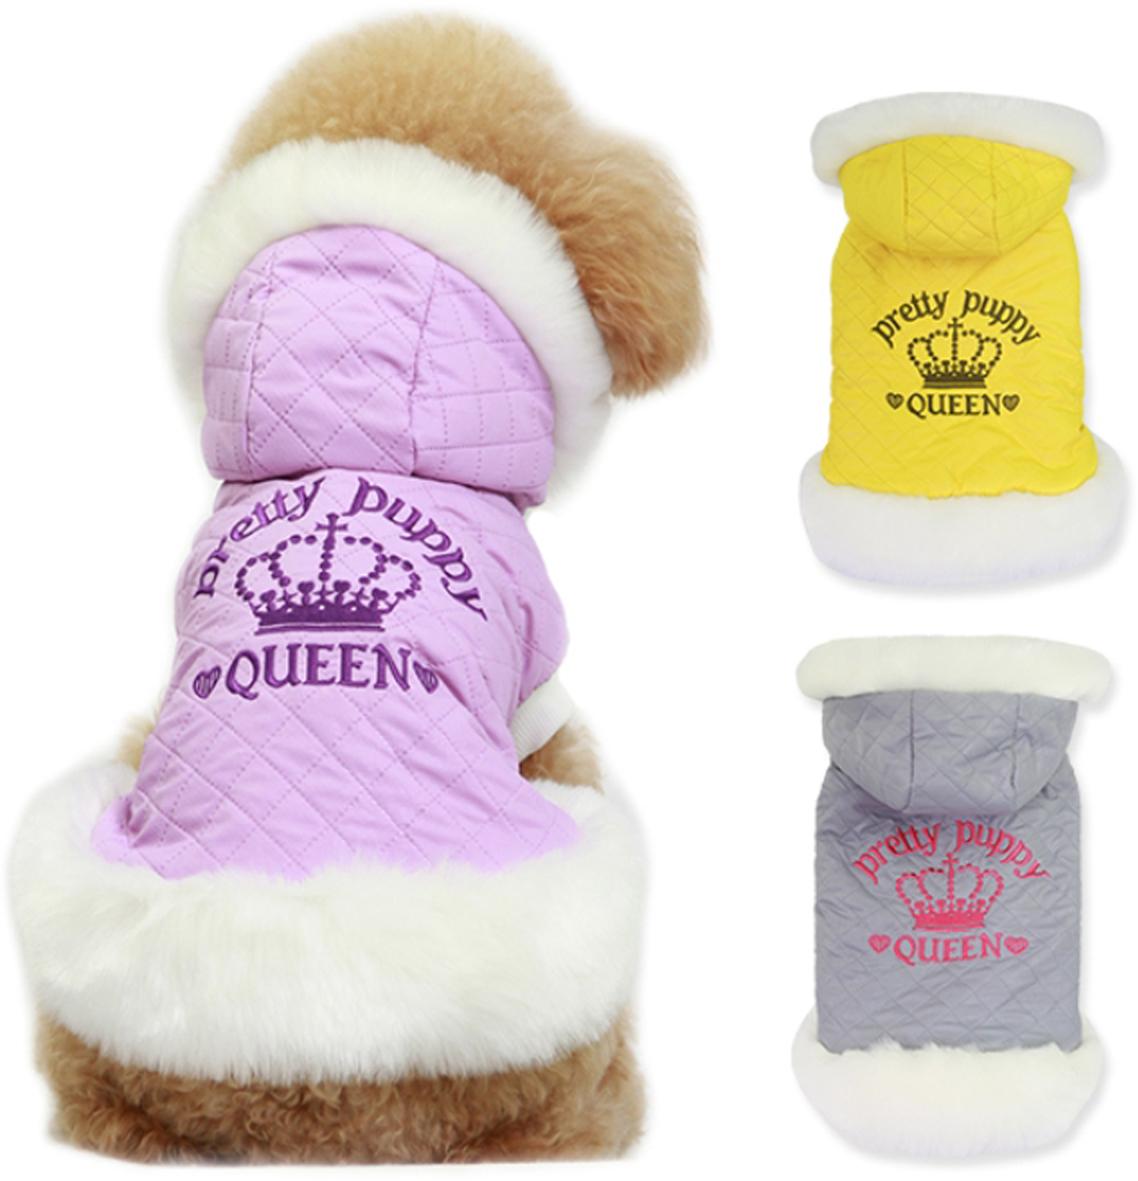 Куртка для собак Dobaz Pretty Puppy, цвет: серый. ДА14068ВС. Размер S куртка для собак dobaz цвет серый черный да1222вхс размер xs